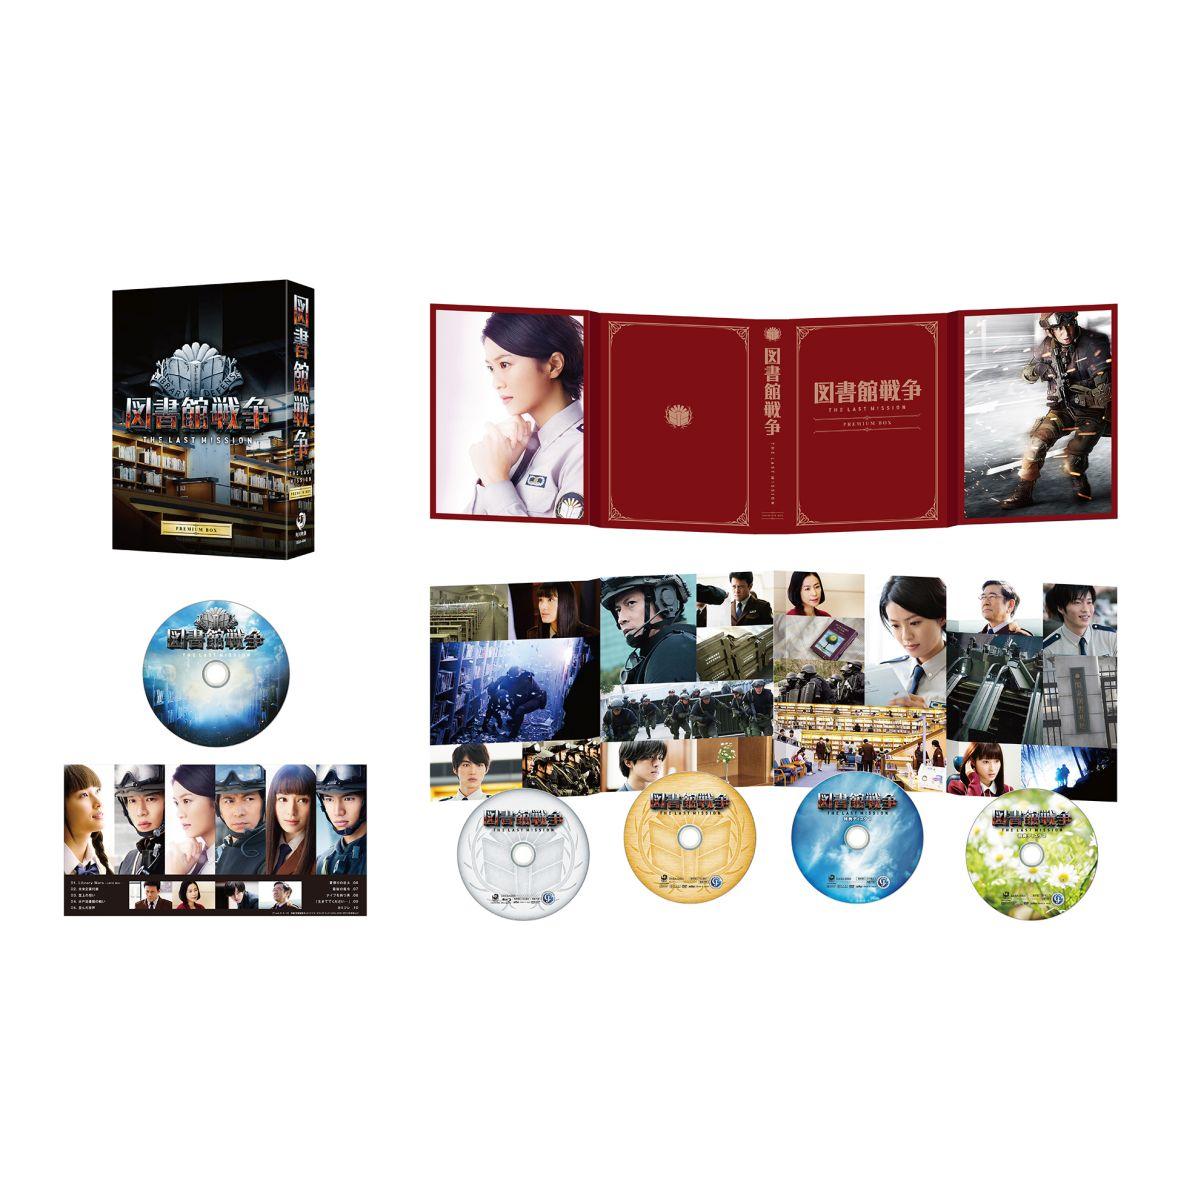 図書館戦争 THE LAST MISSION プレミアムBOX【Blu-ray】 [ 岡田…...:book:17751089